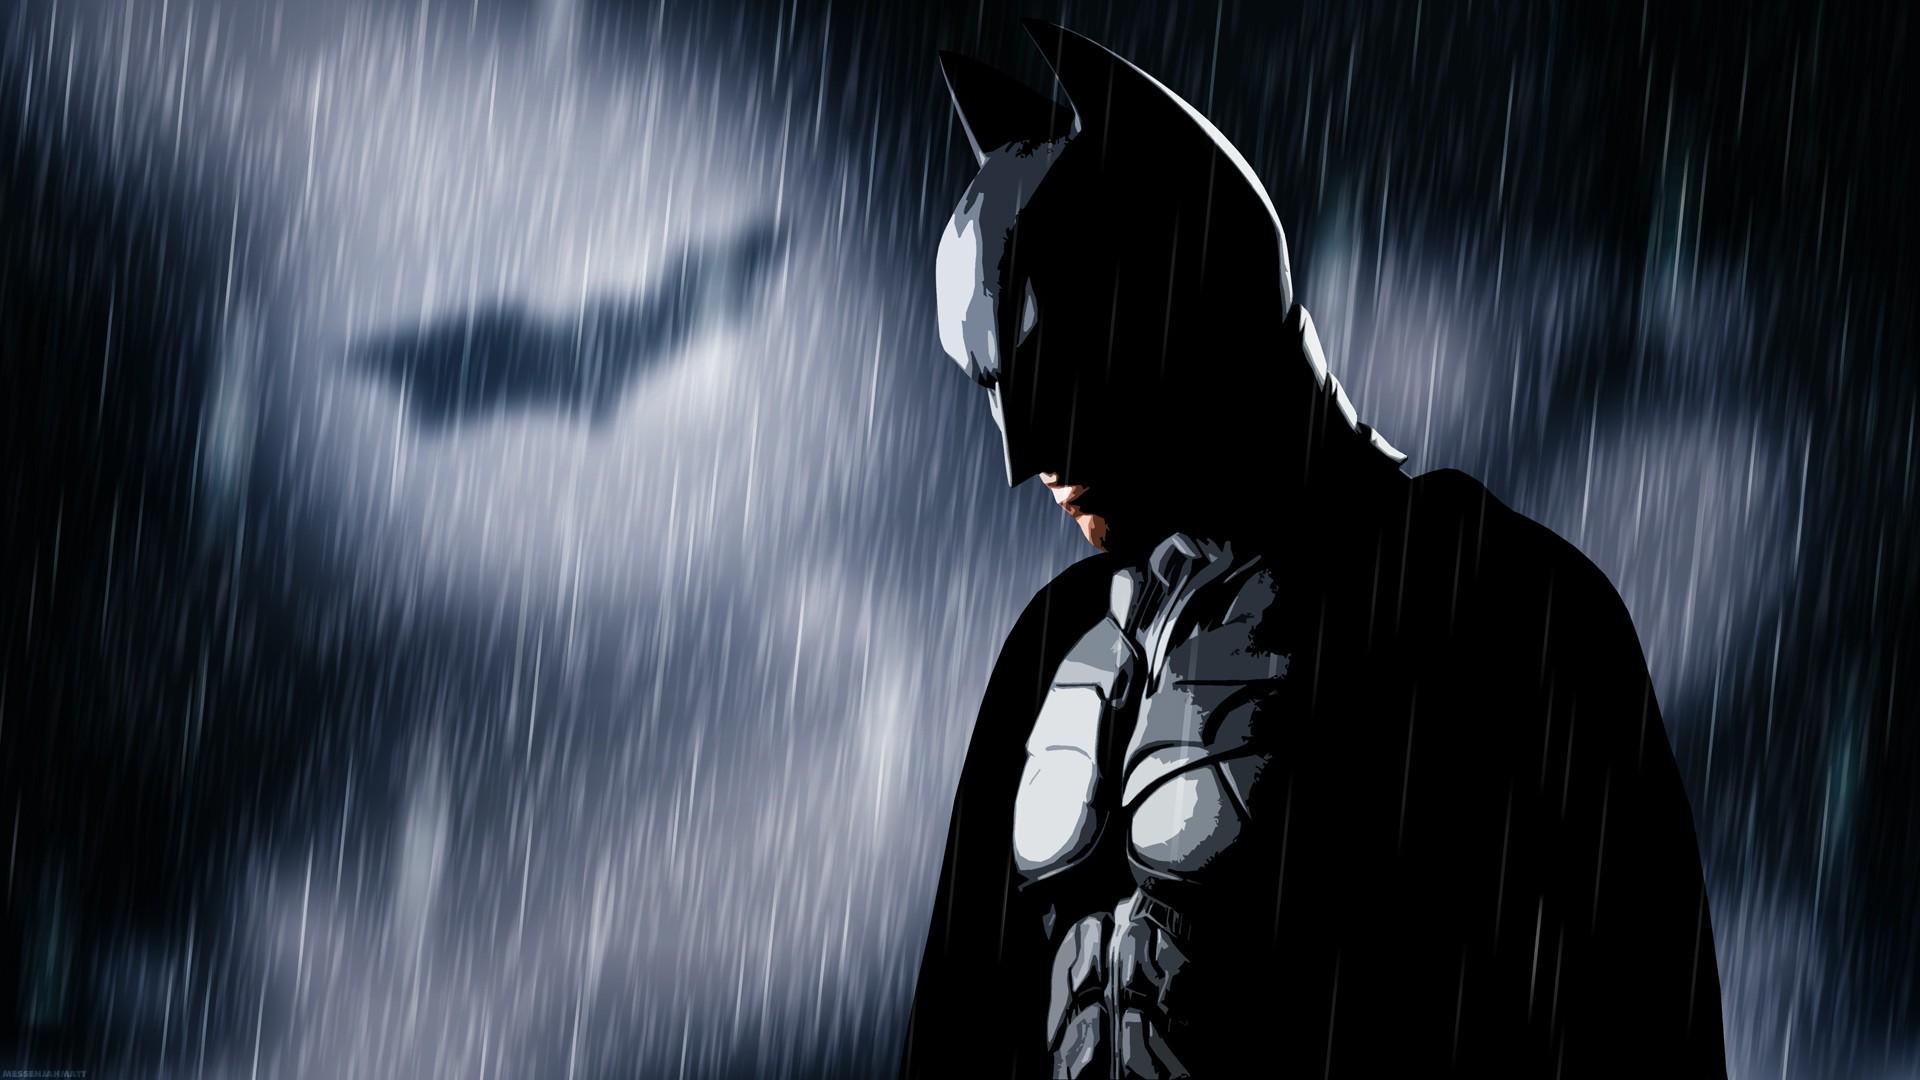 rain, MessenjahMatt, people, Batman, Bat signal – wallpaper #97799  (1920x1080px) on Wallls.com